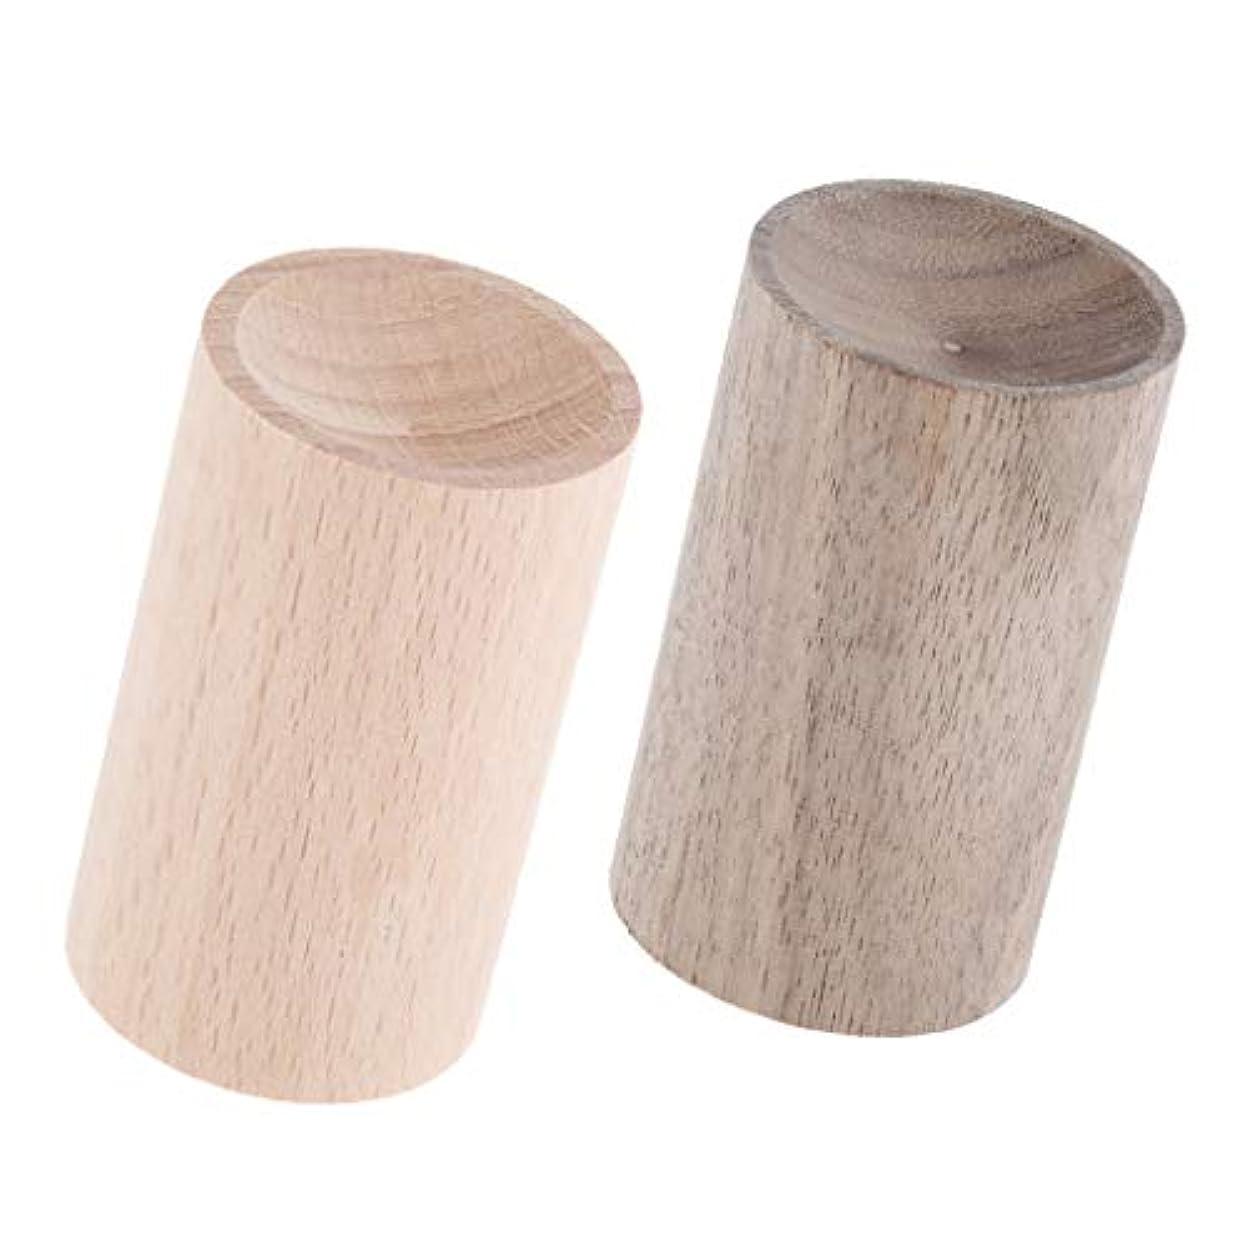 ショッピングセンター機動足音D DOLITY エッセンシャルオイルディフューザー 芳香剤 手作り 天然木 車 家 オフィス 2ピース